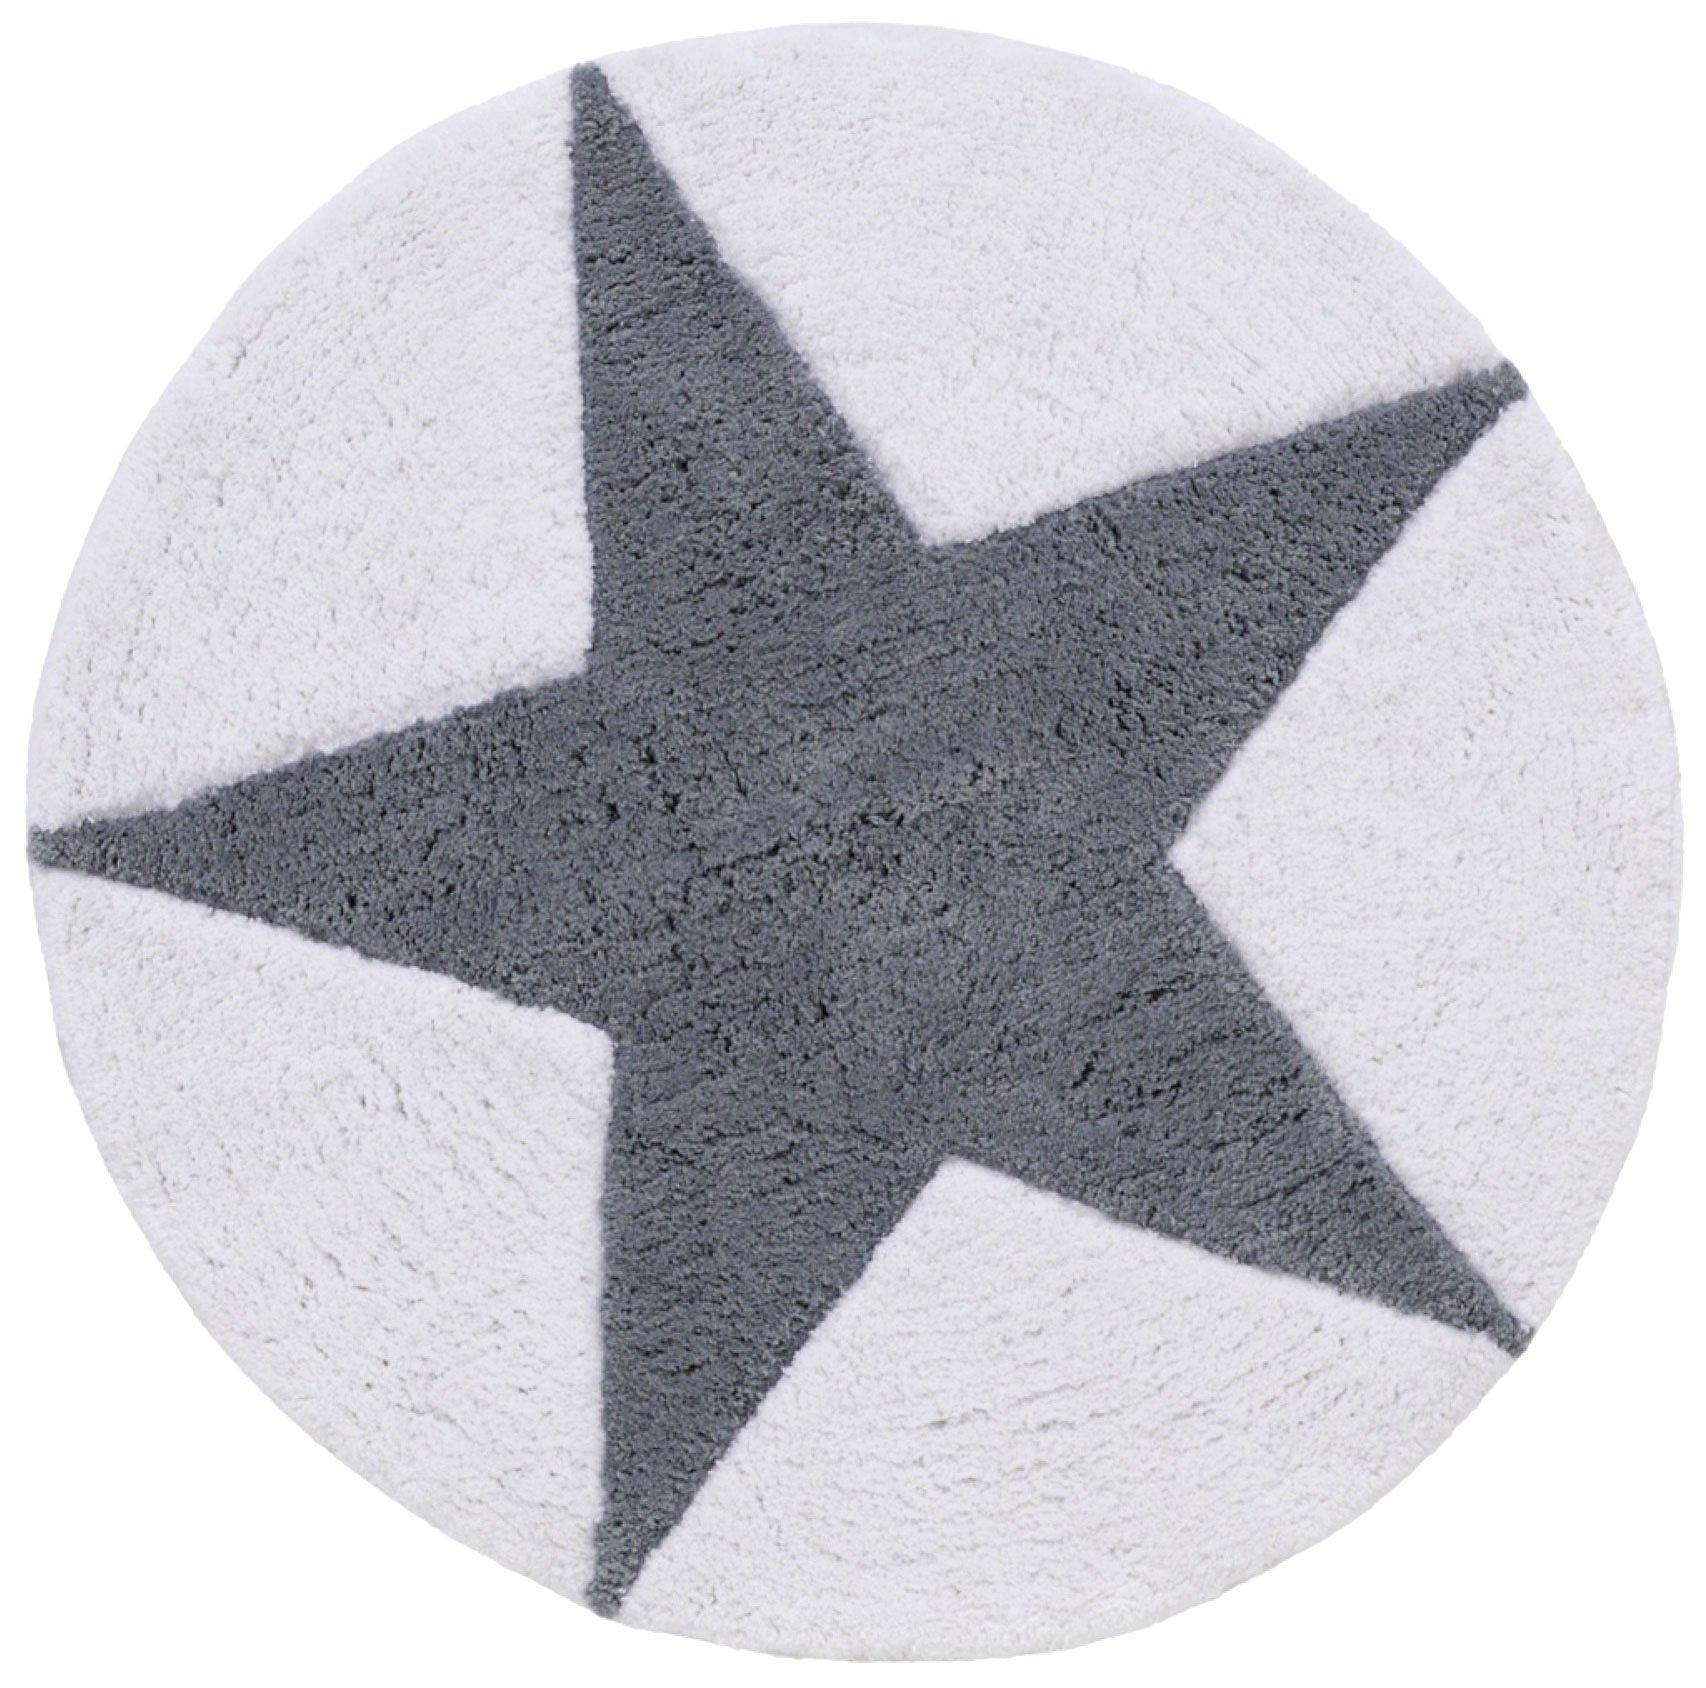 Badematte Stern 100 Farbe Grau Jetzt Bei Weltbildde Bestellen